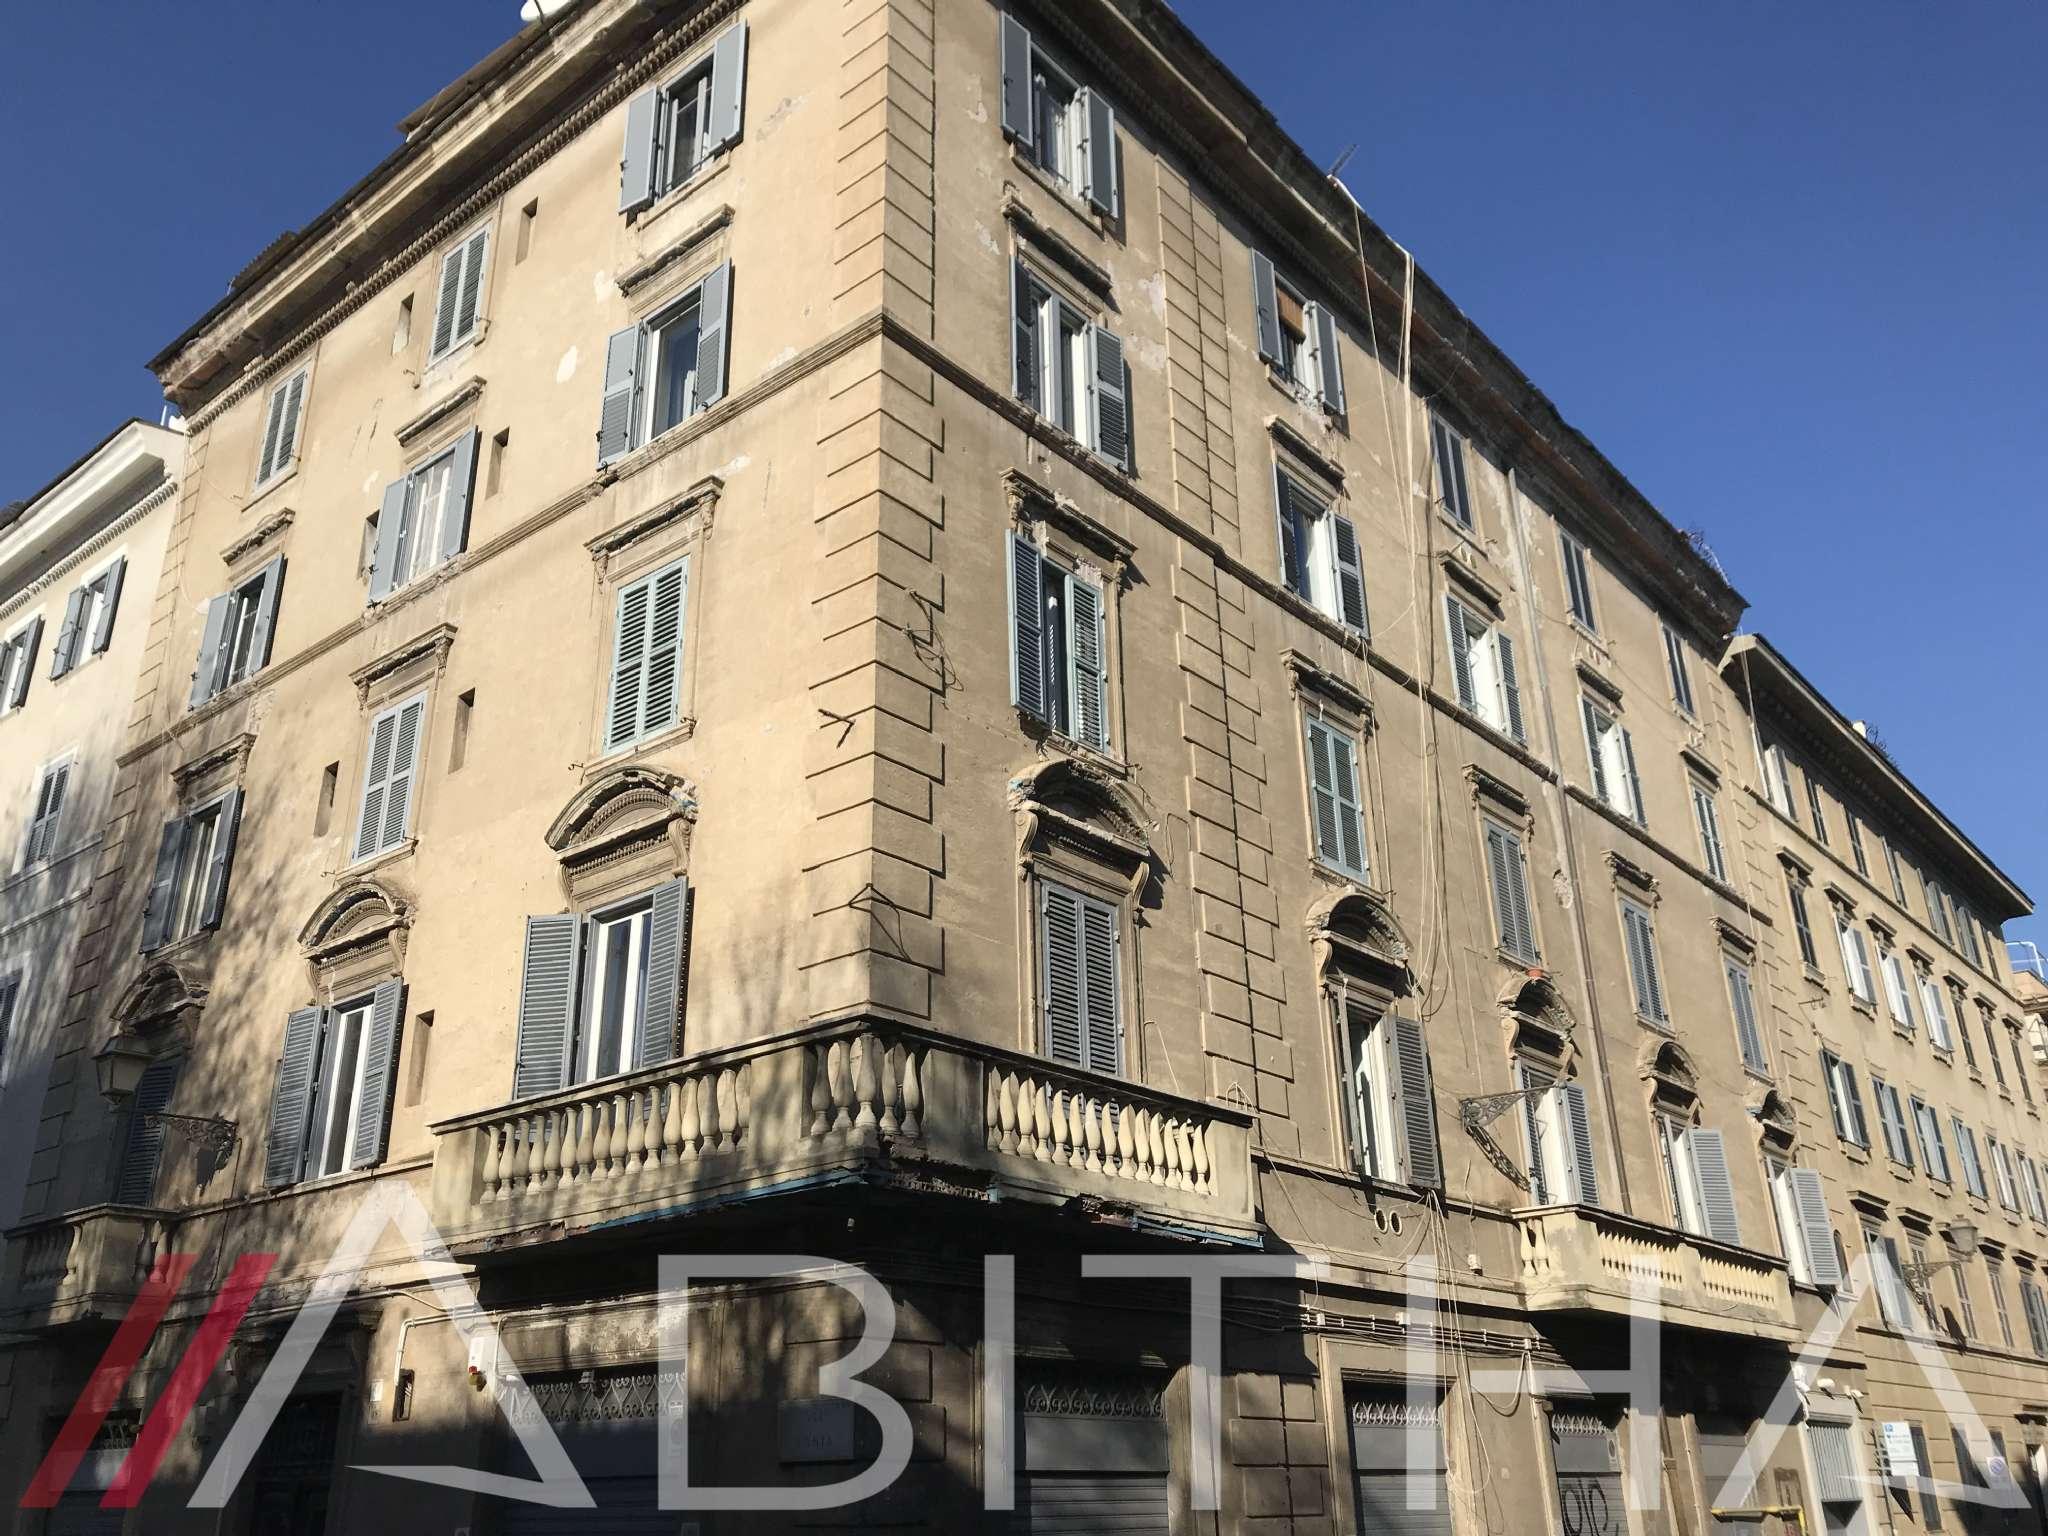 Nuove costruzioni in affitto a roma pag 7 for Locali roma affitto